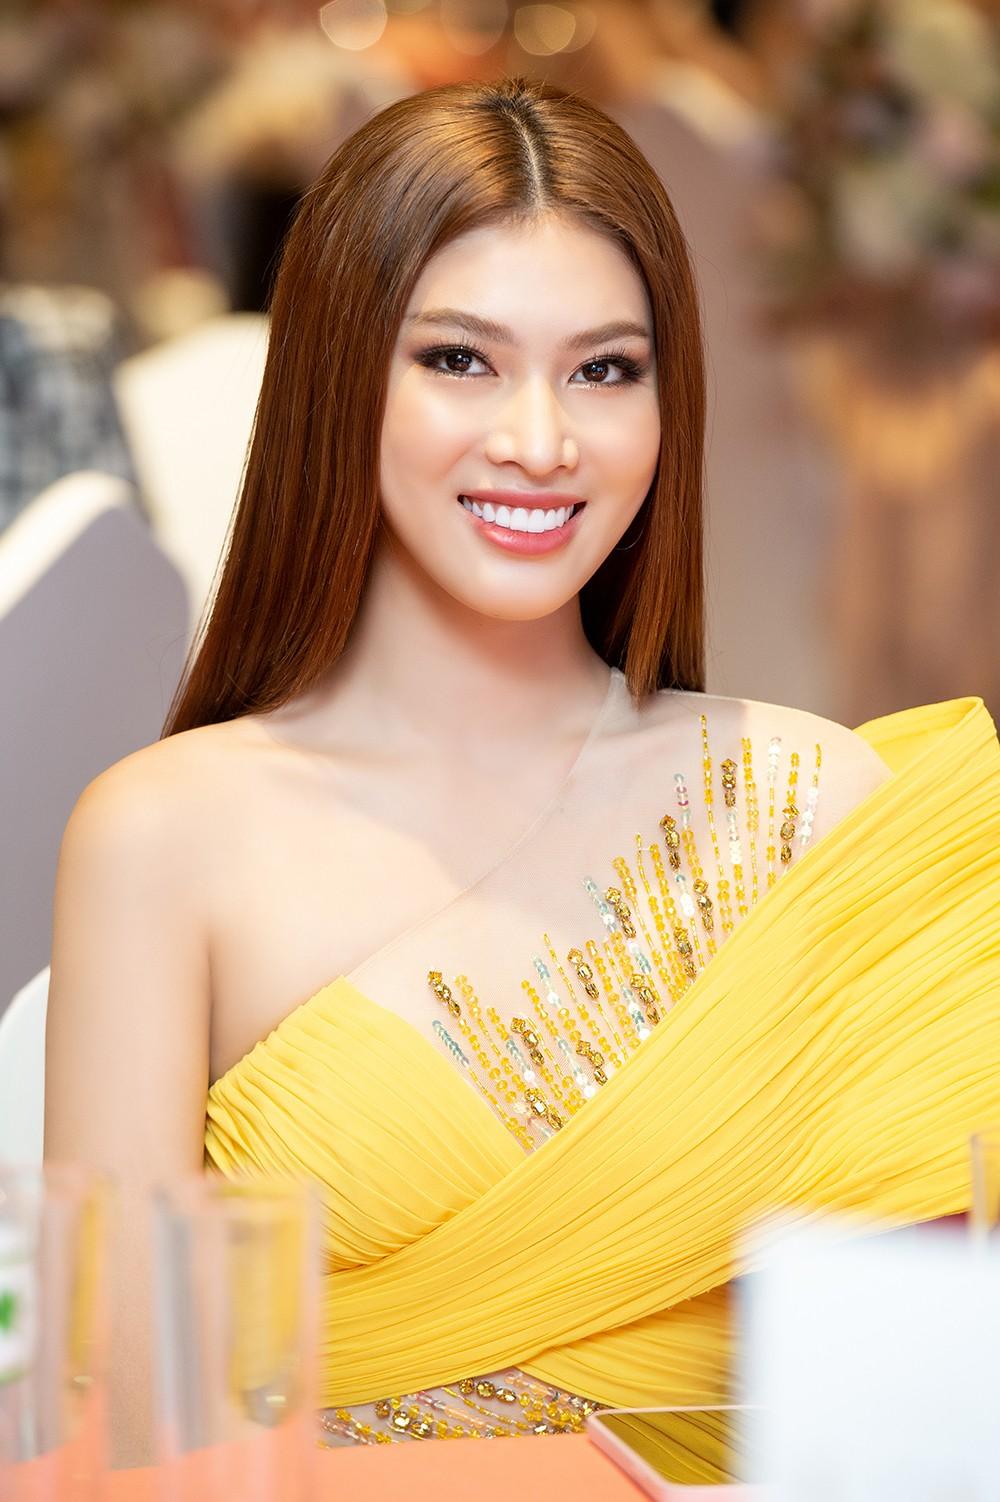 Á hậu Ngọc Thảo diện váy vàng rực khoe chân dài 1m11 cùng trình catwalk 'đỉnh cao' ảnh 8